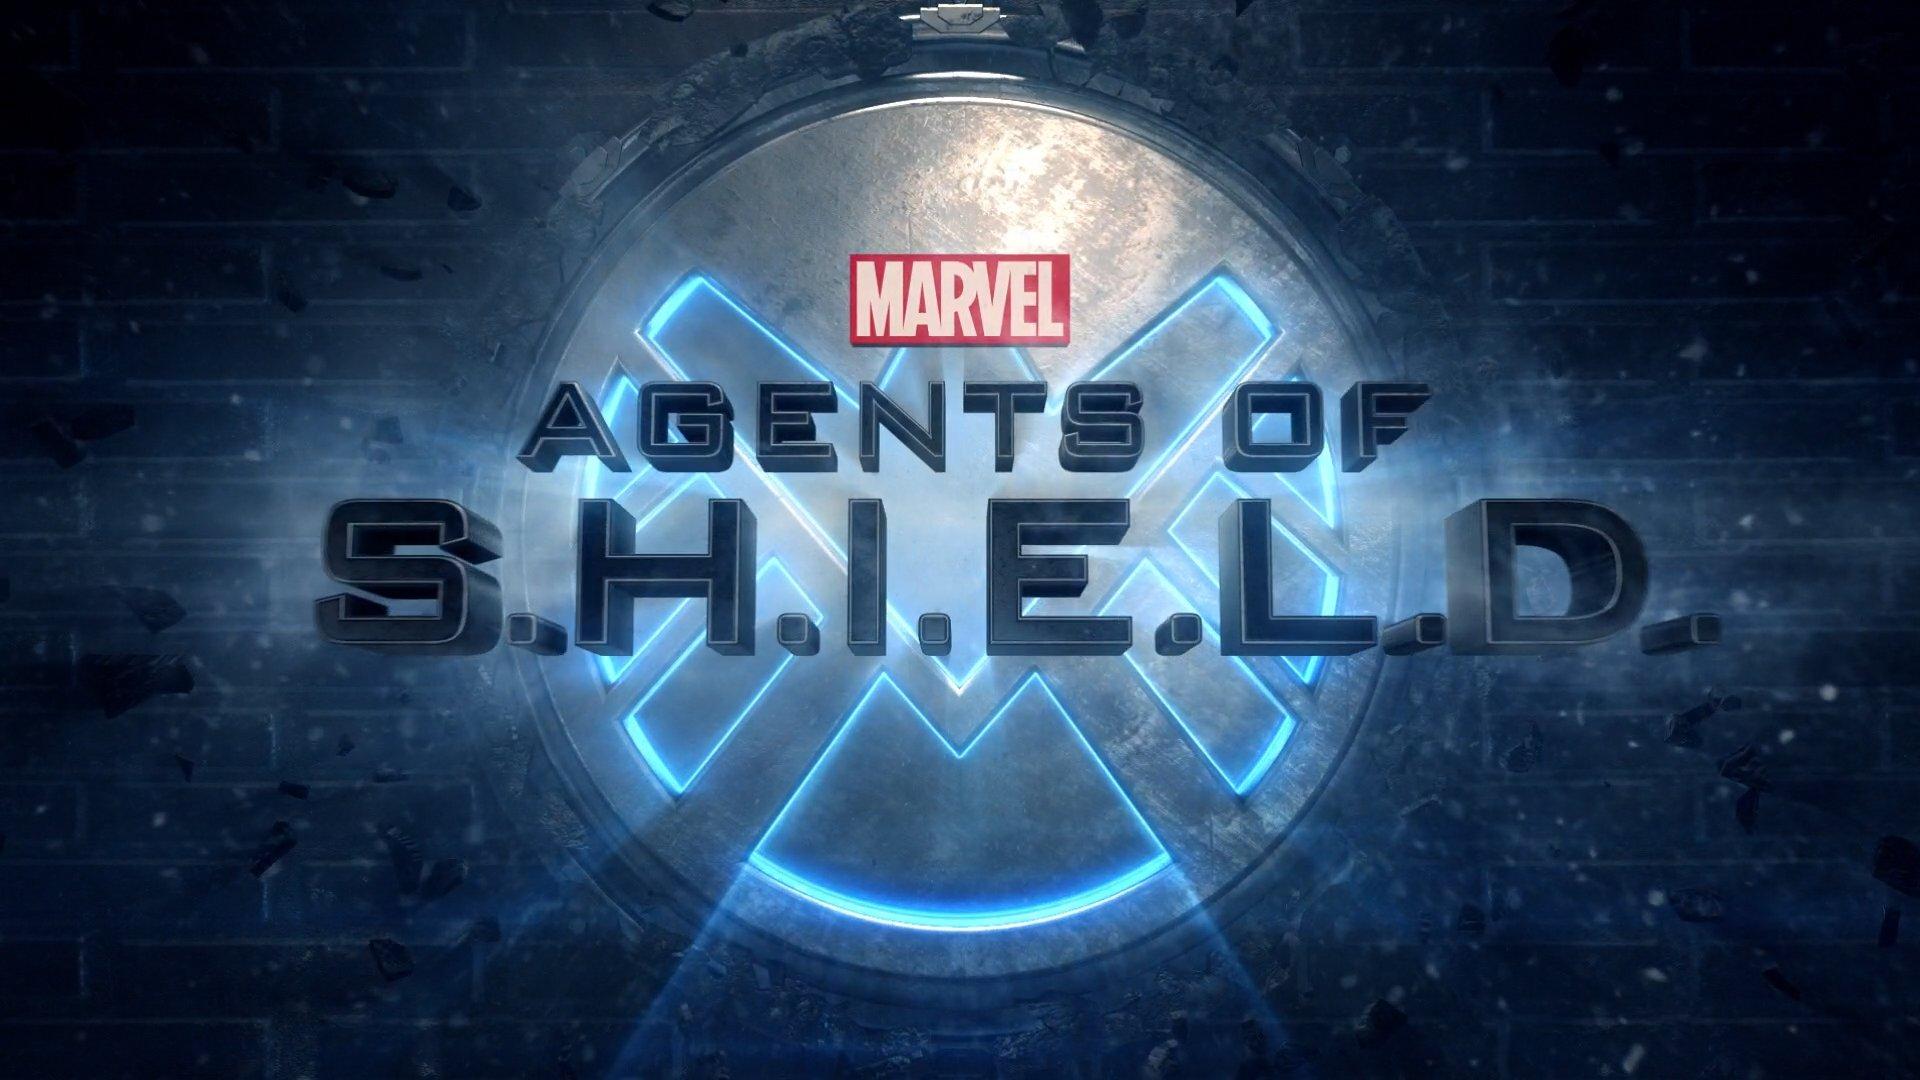 Marvel Agent Of Shield Episode 16 Download